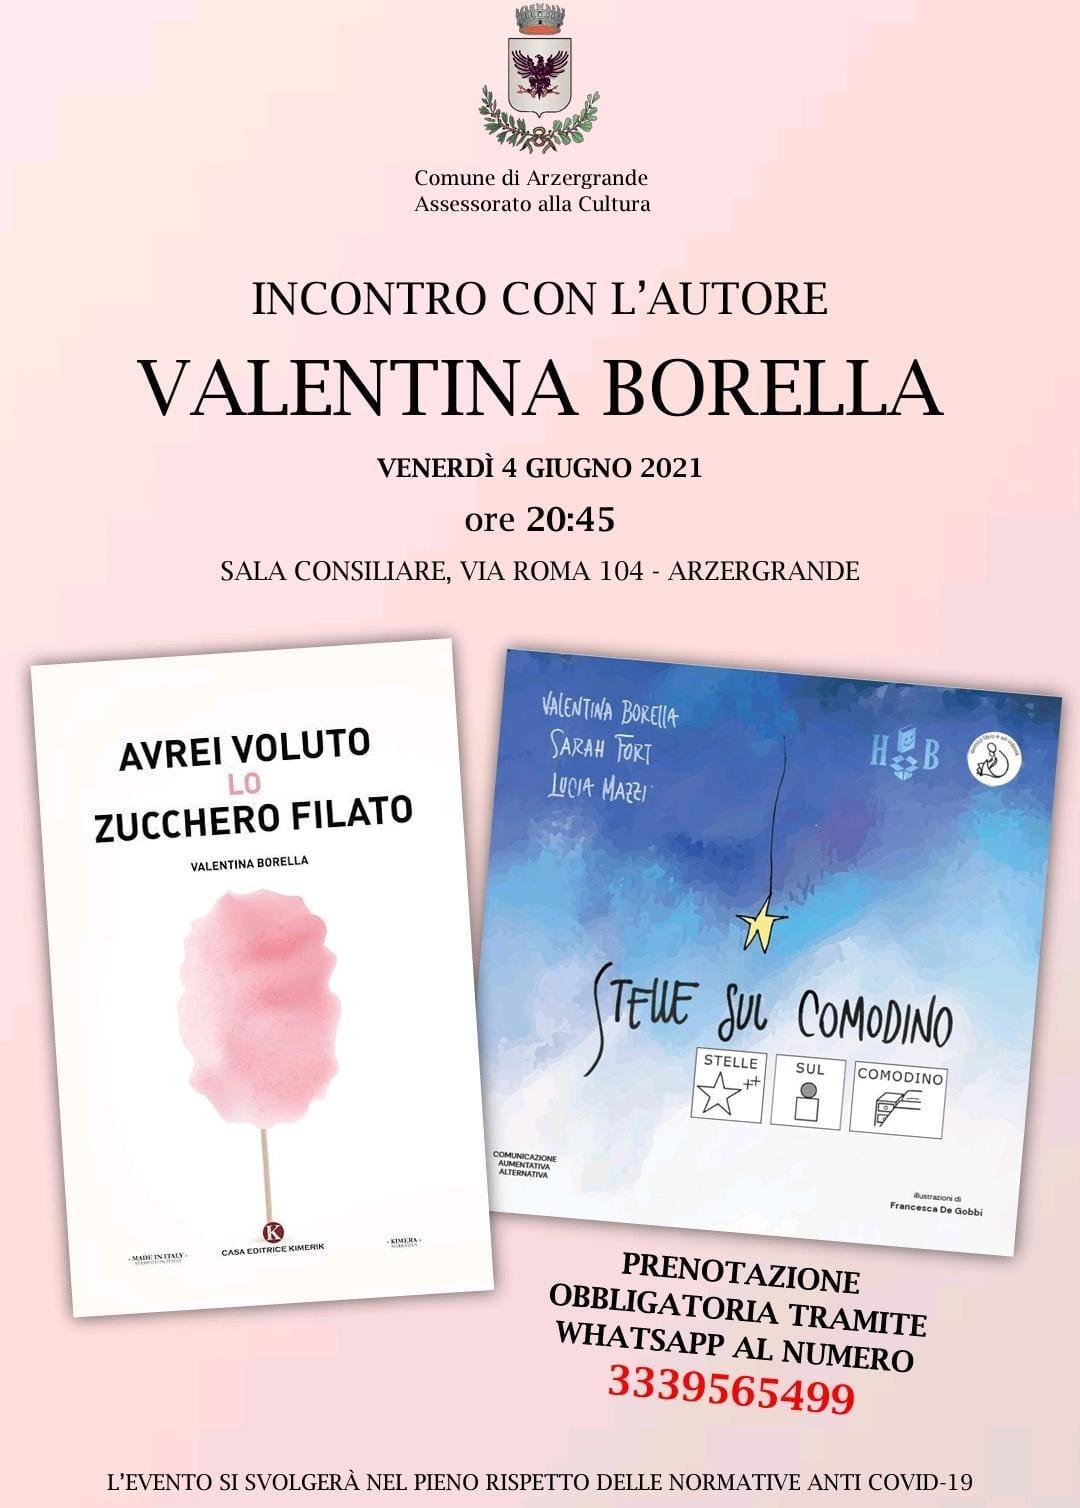 Valentina Borella